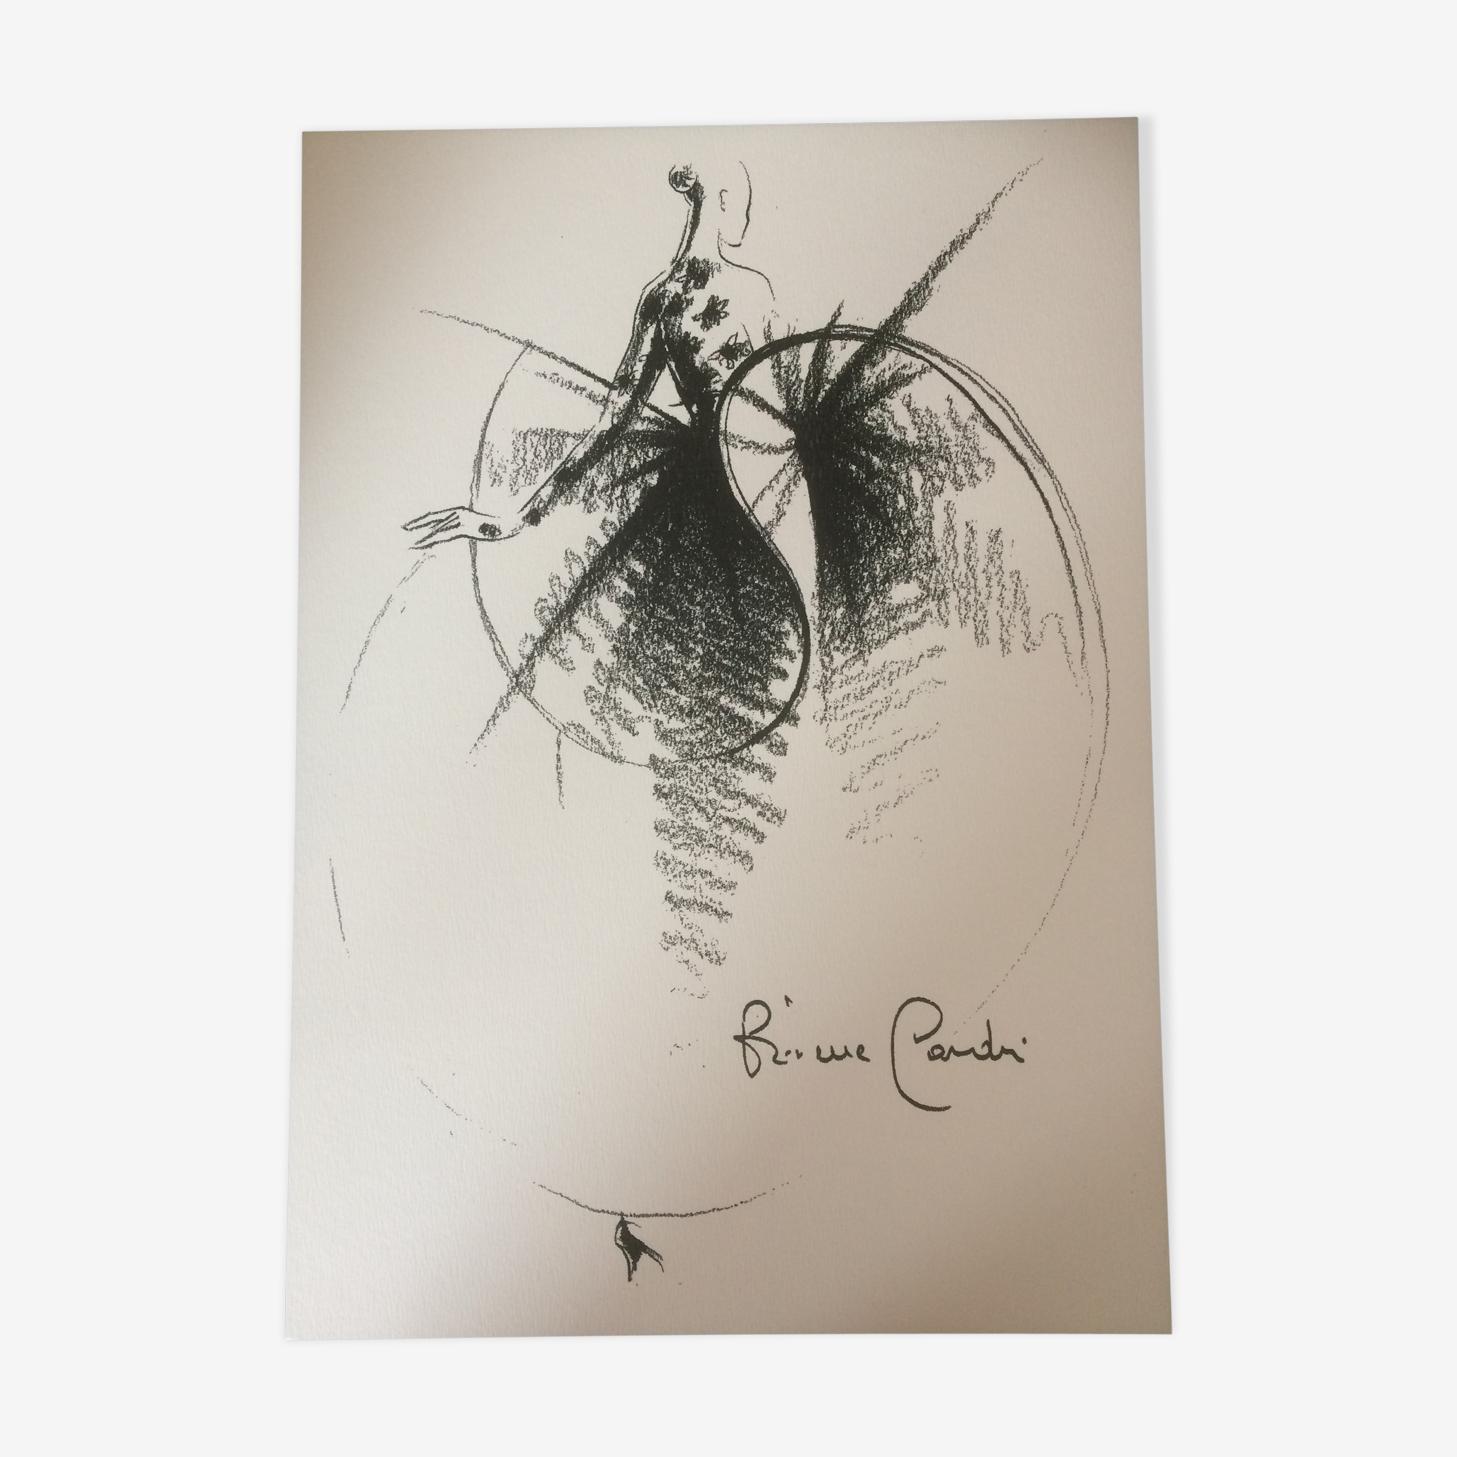 Illustration tirage dessin croquis vintage de mode presse Pierre Cardin fin des années 80.